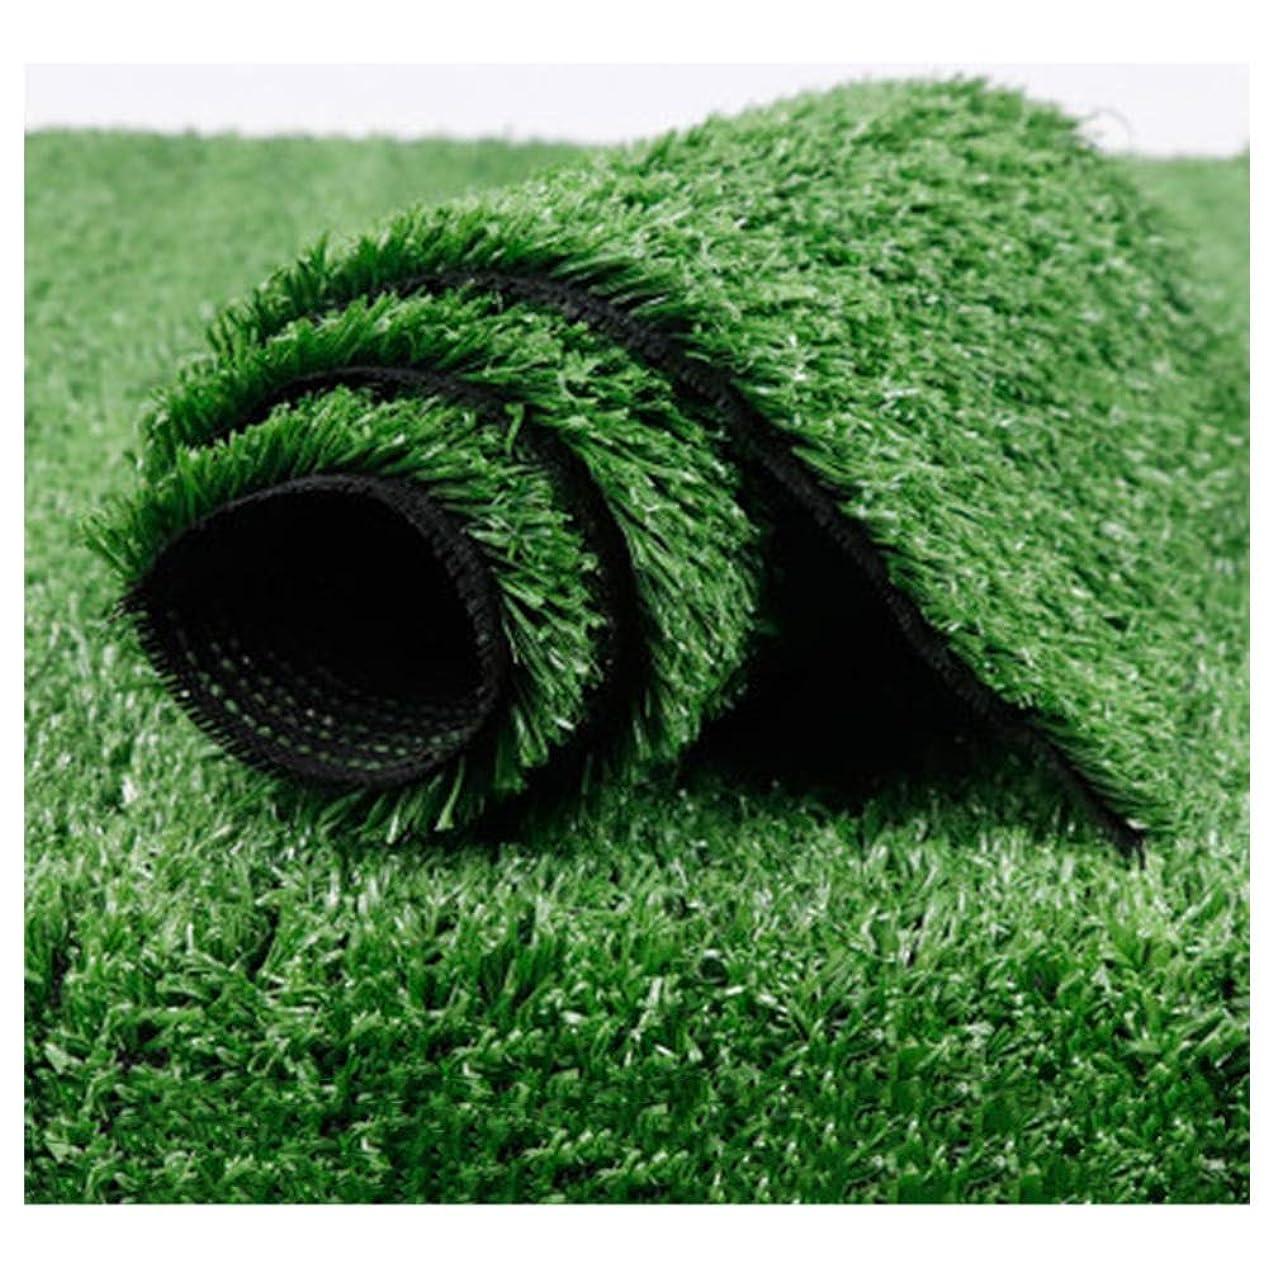 輝くビクター感謝XIAODONG 人工芝 15mmの草の高さ 多機能の使用 掃除が簡単、壁の装飾/展示会/風景 2 * 1m (Size : 2*3m)